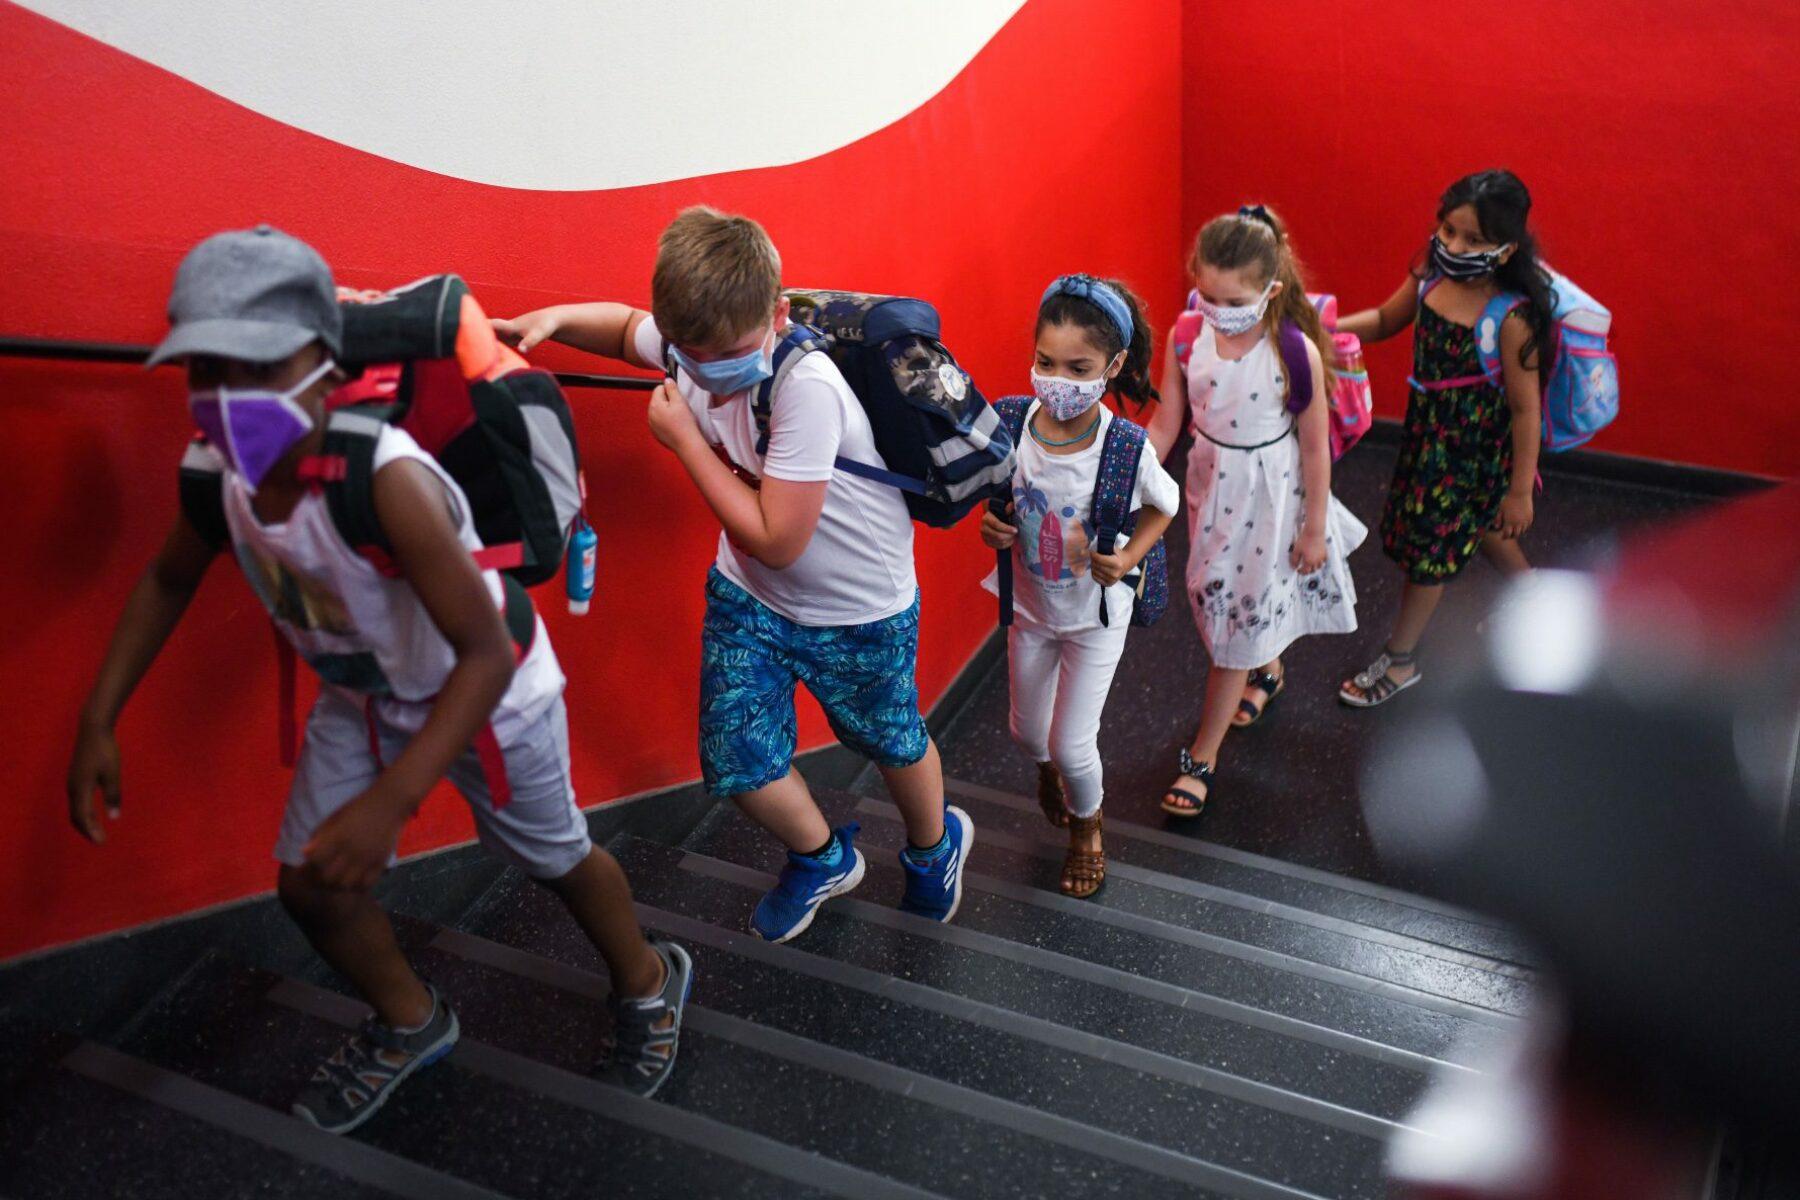 School children wearing masks in a hallway.